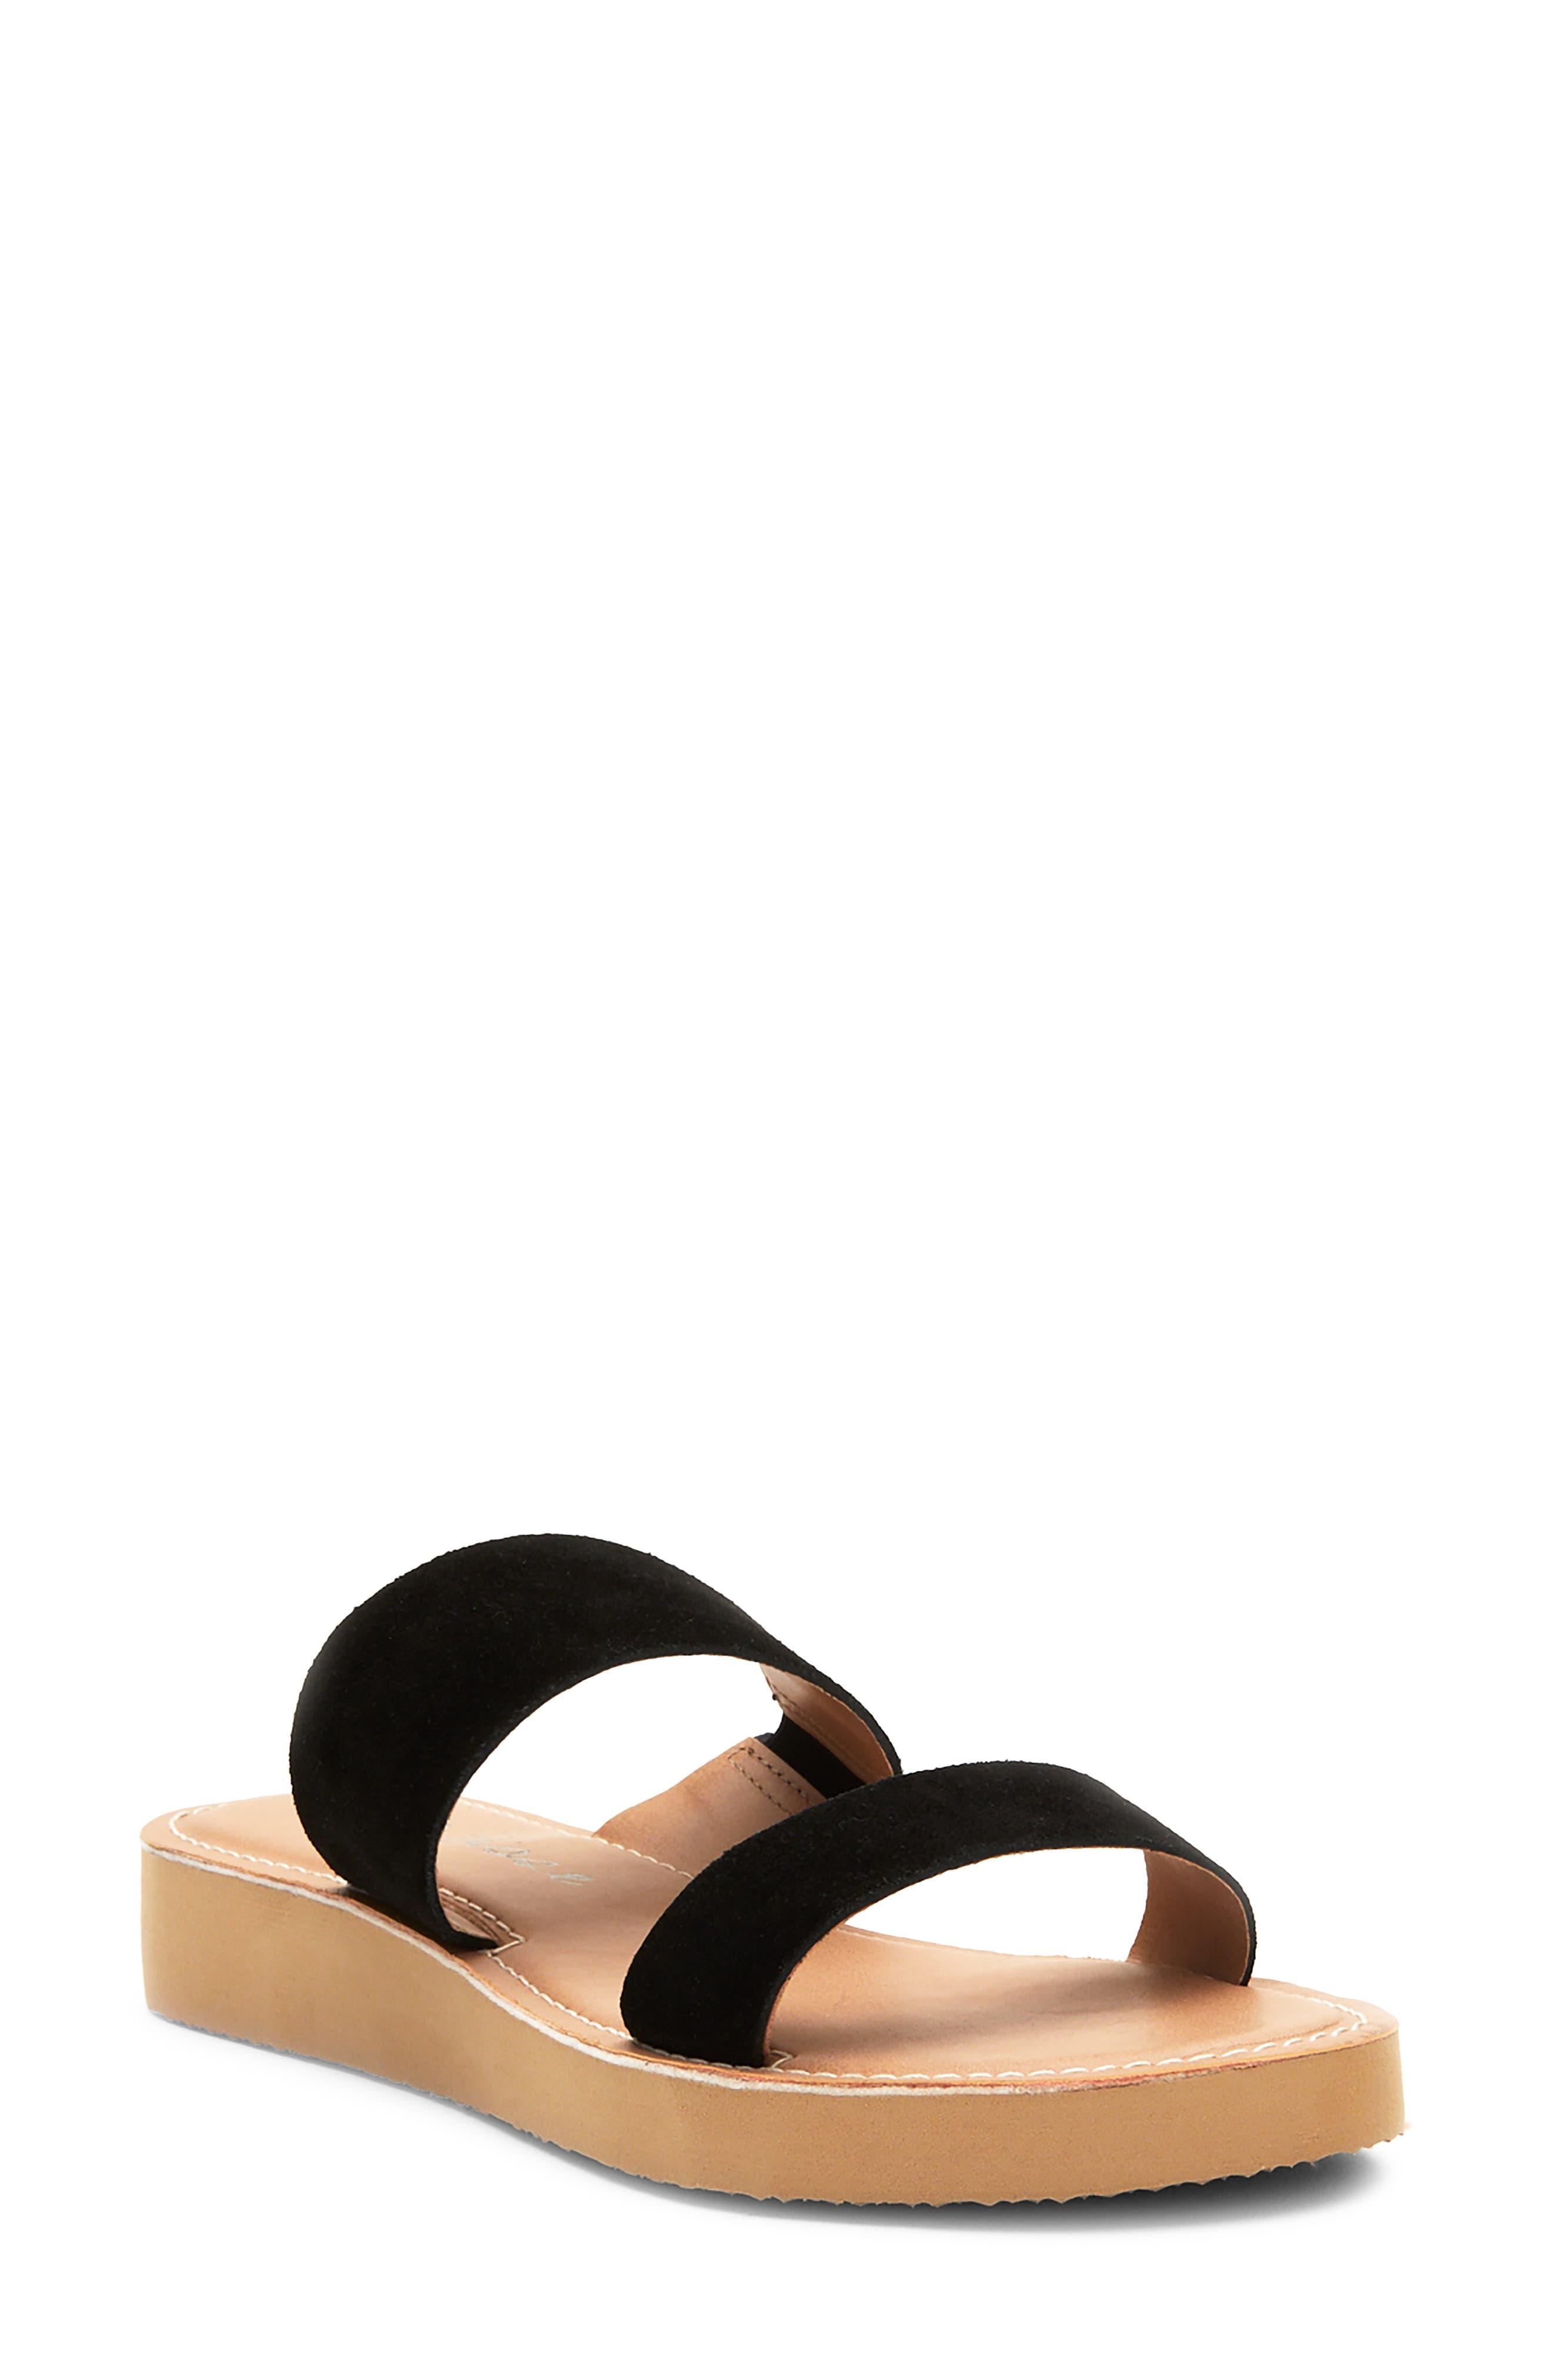 Tees Slide Sandal